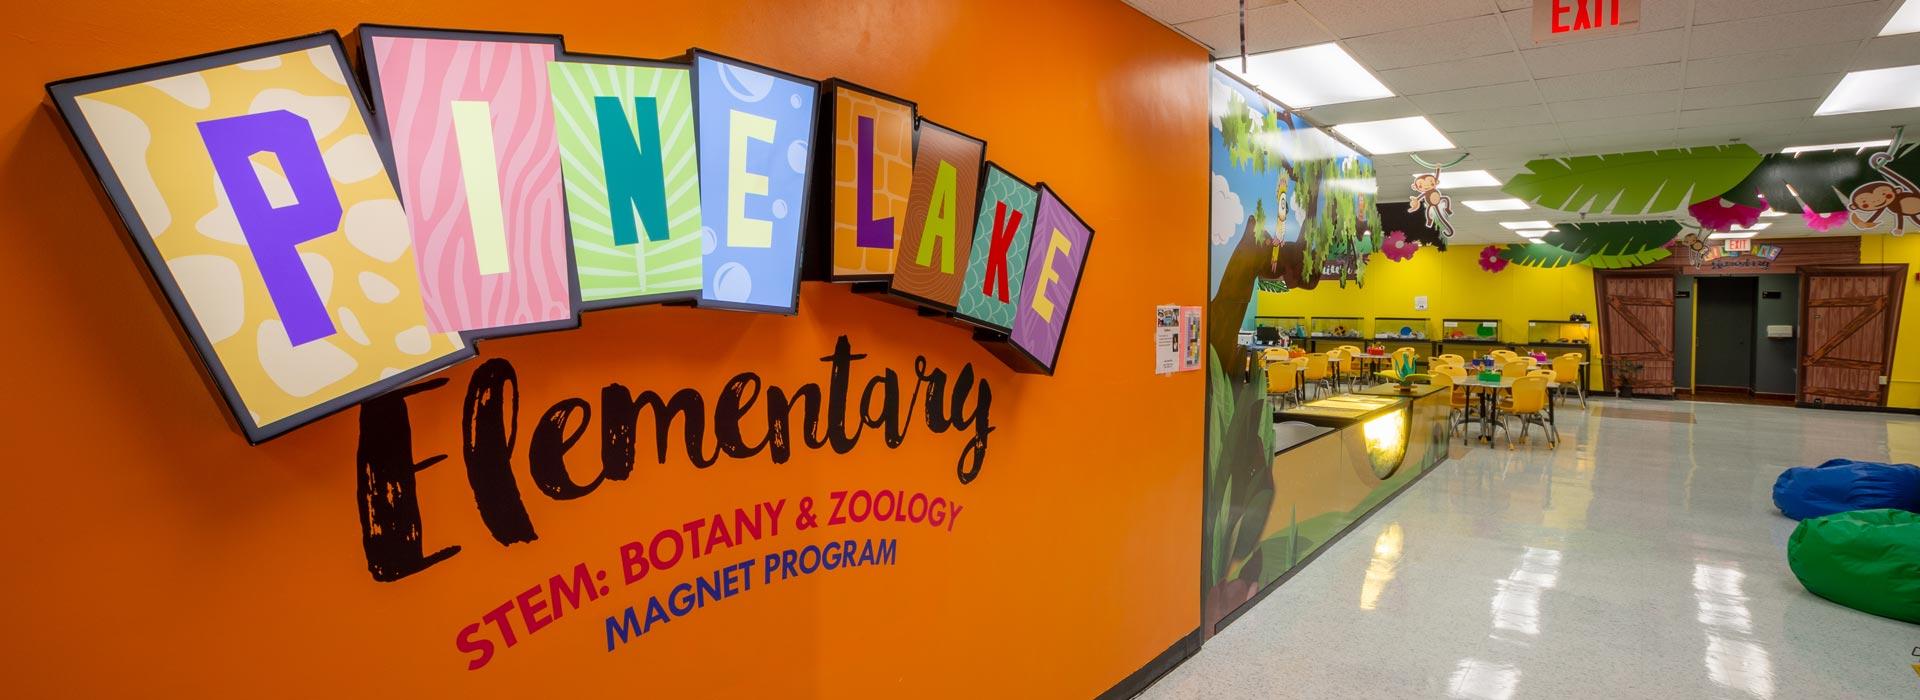 Pine Lake Elementary (Miami, FL)